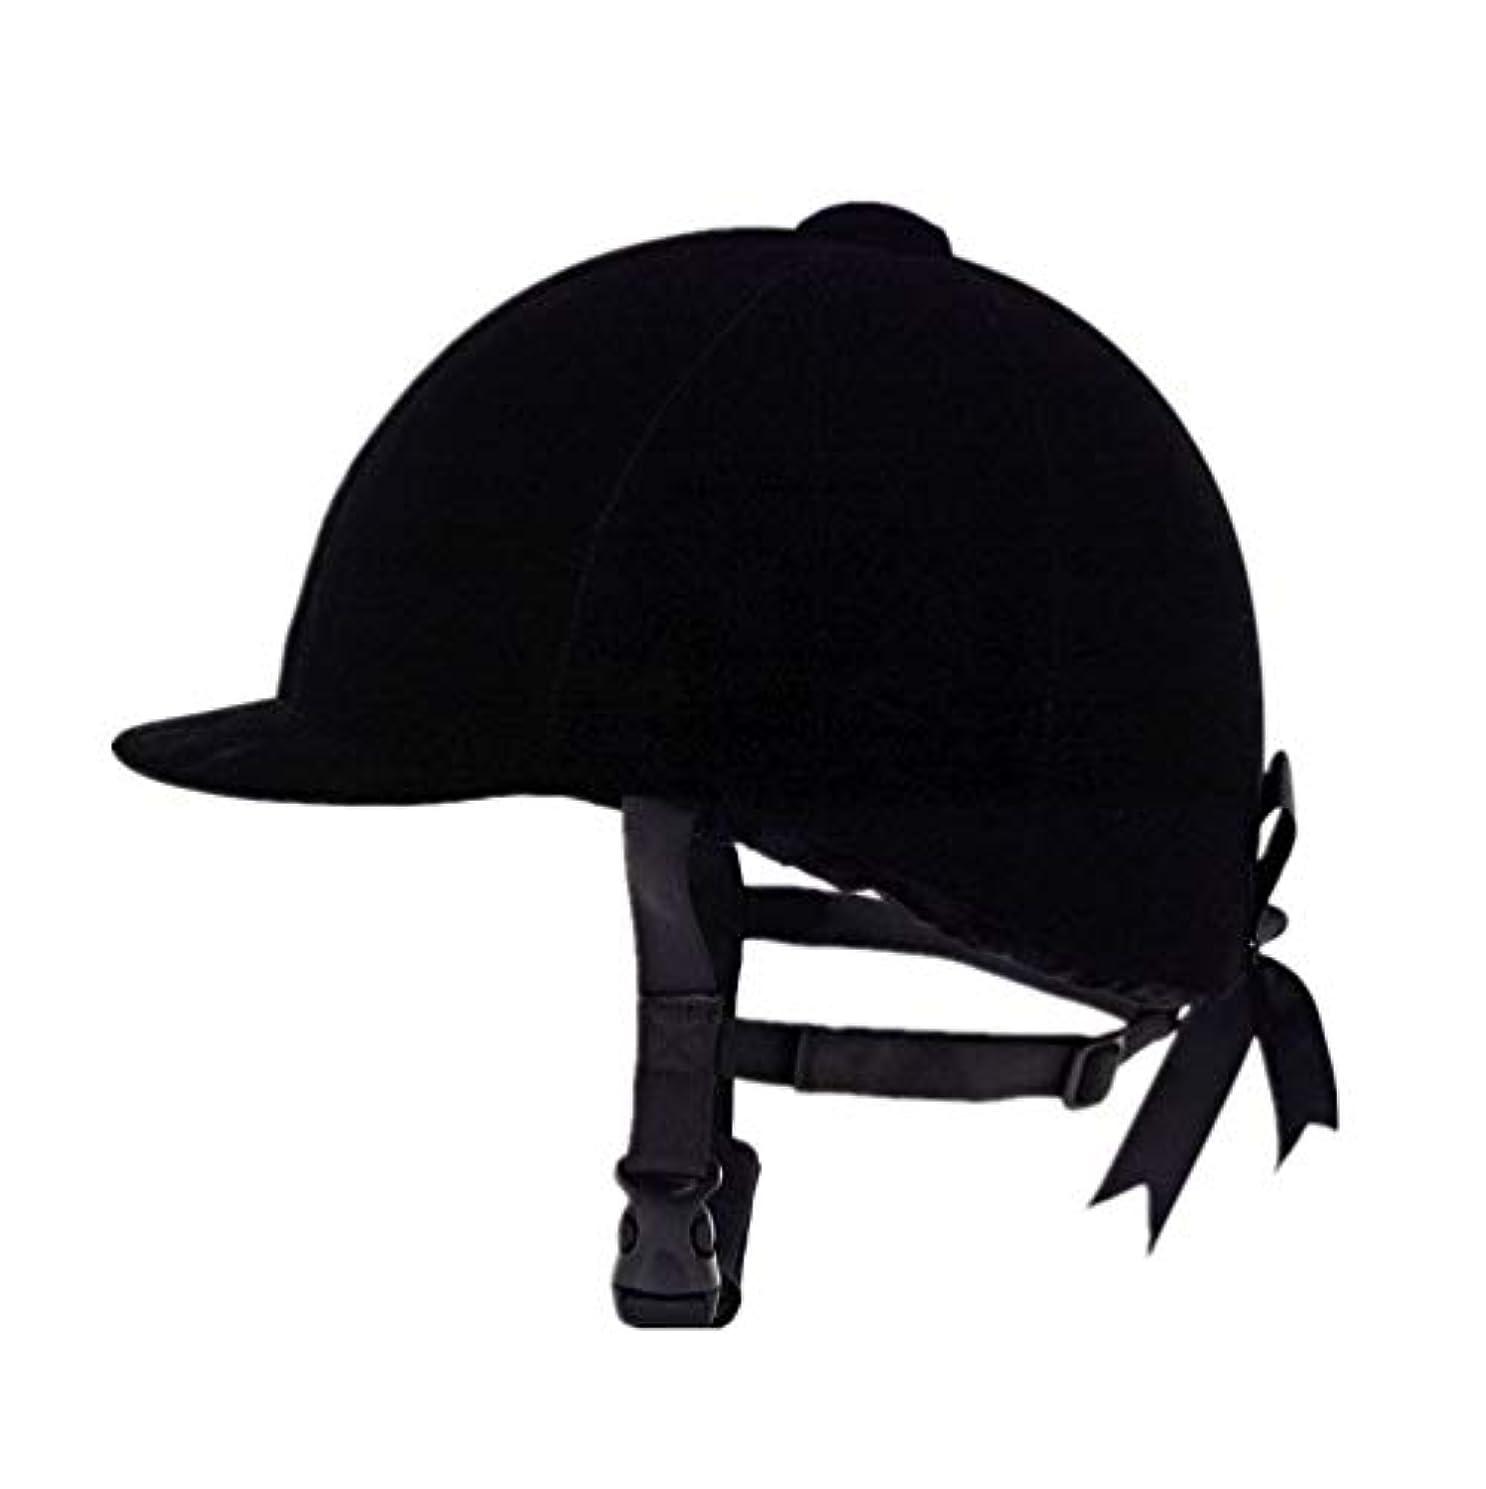 絶え間ない信条利益乗馬用帽子快適なベルベットの乗馬用帽子 乗馬用ヘルメットブラック